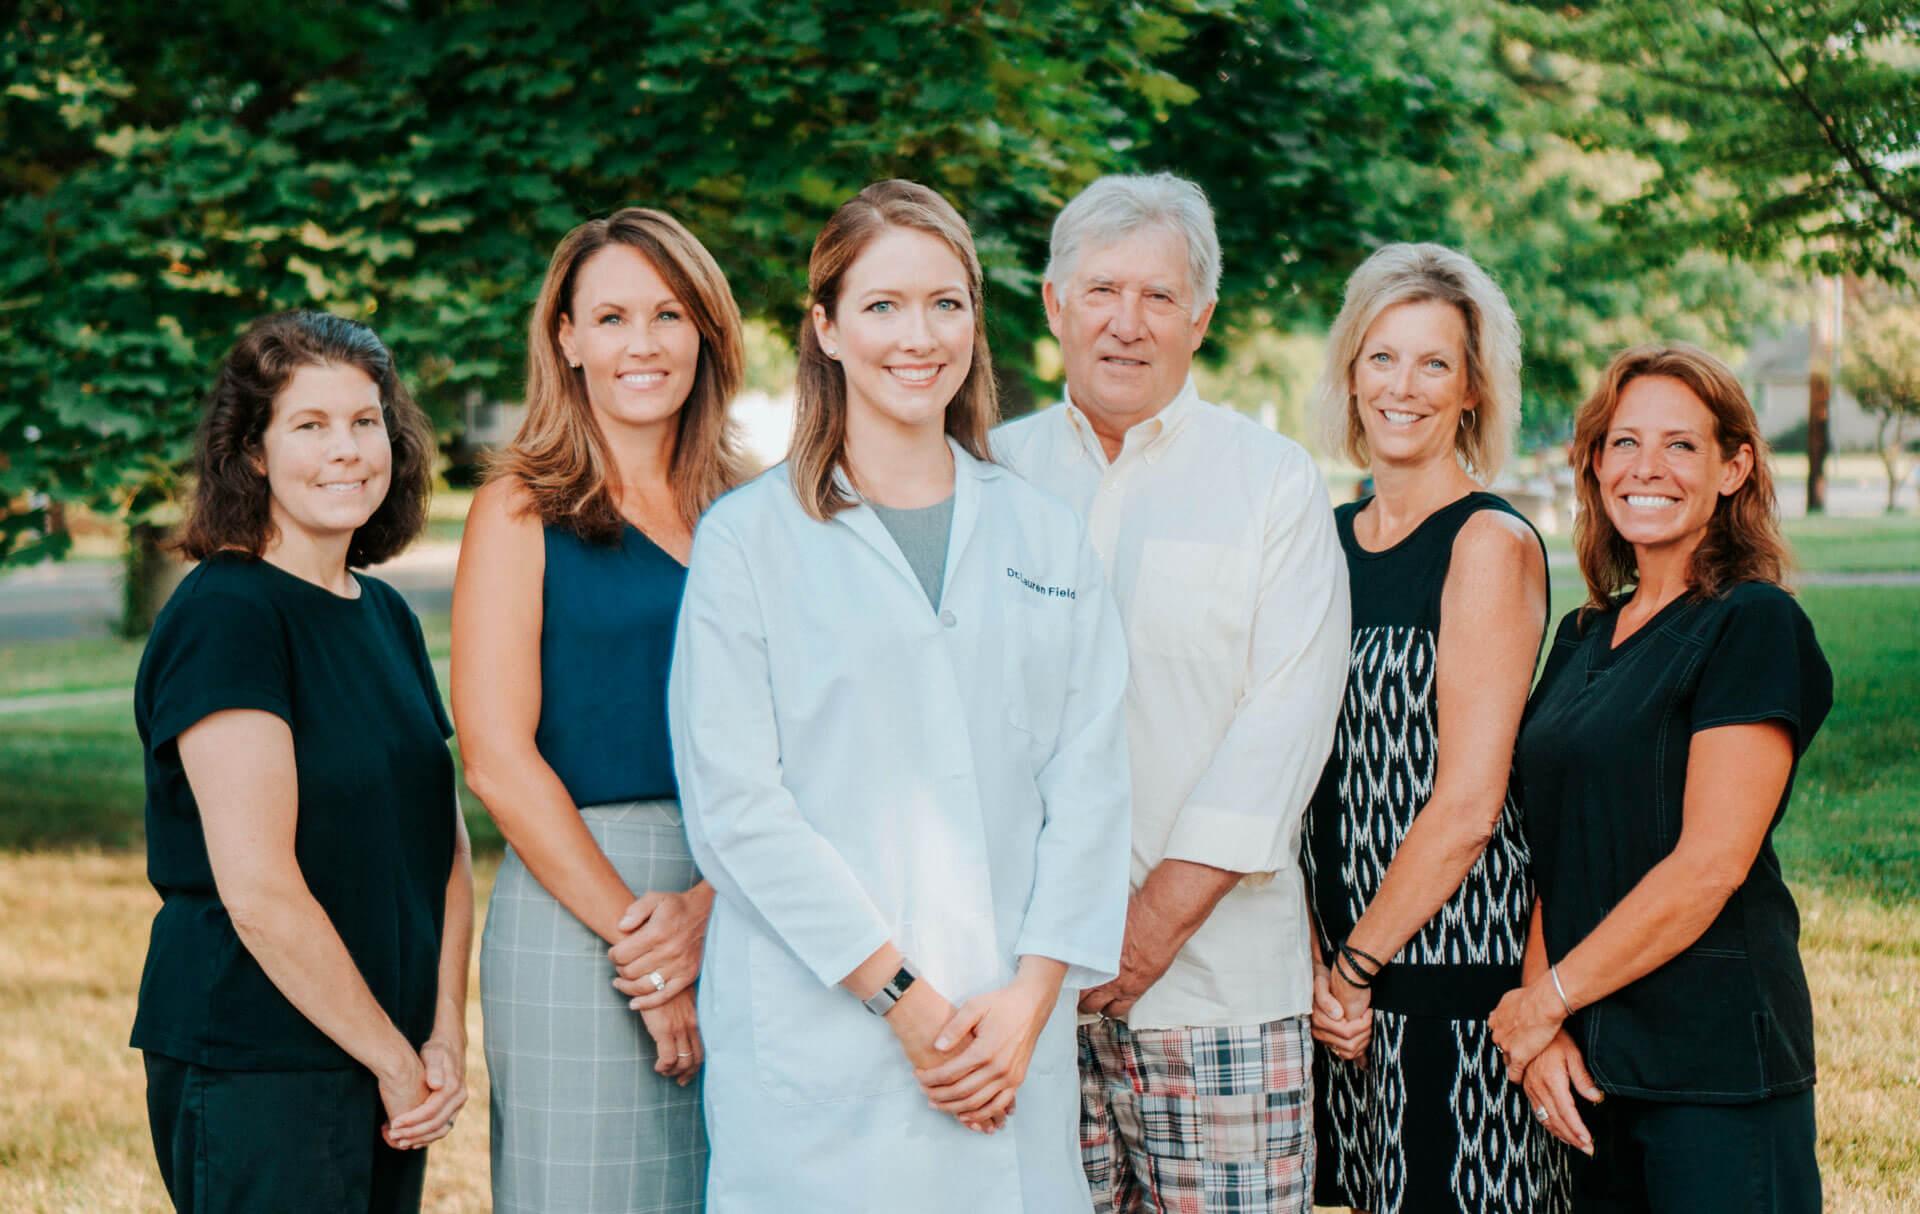 Dr. Lauren and her team